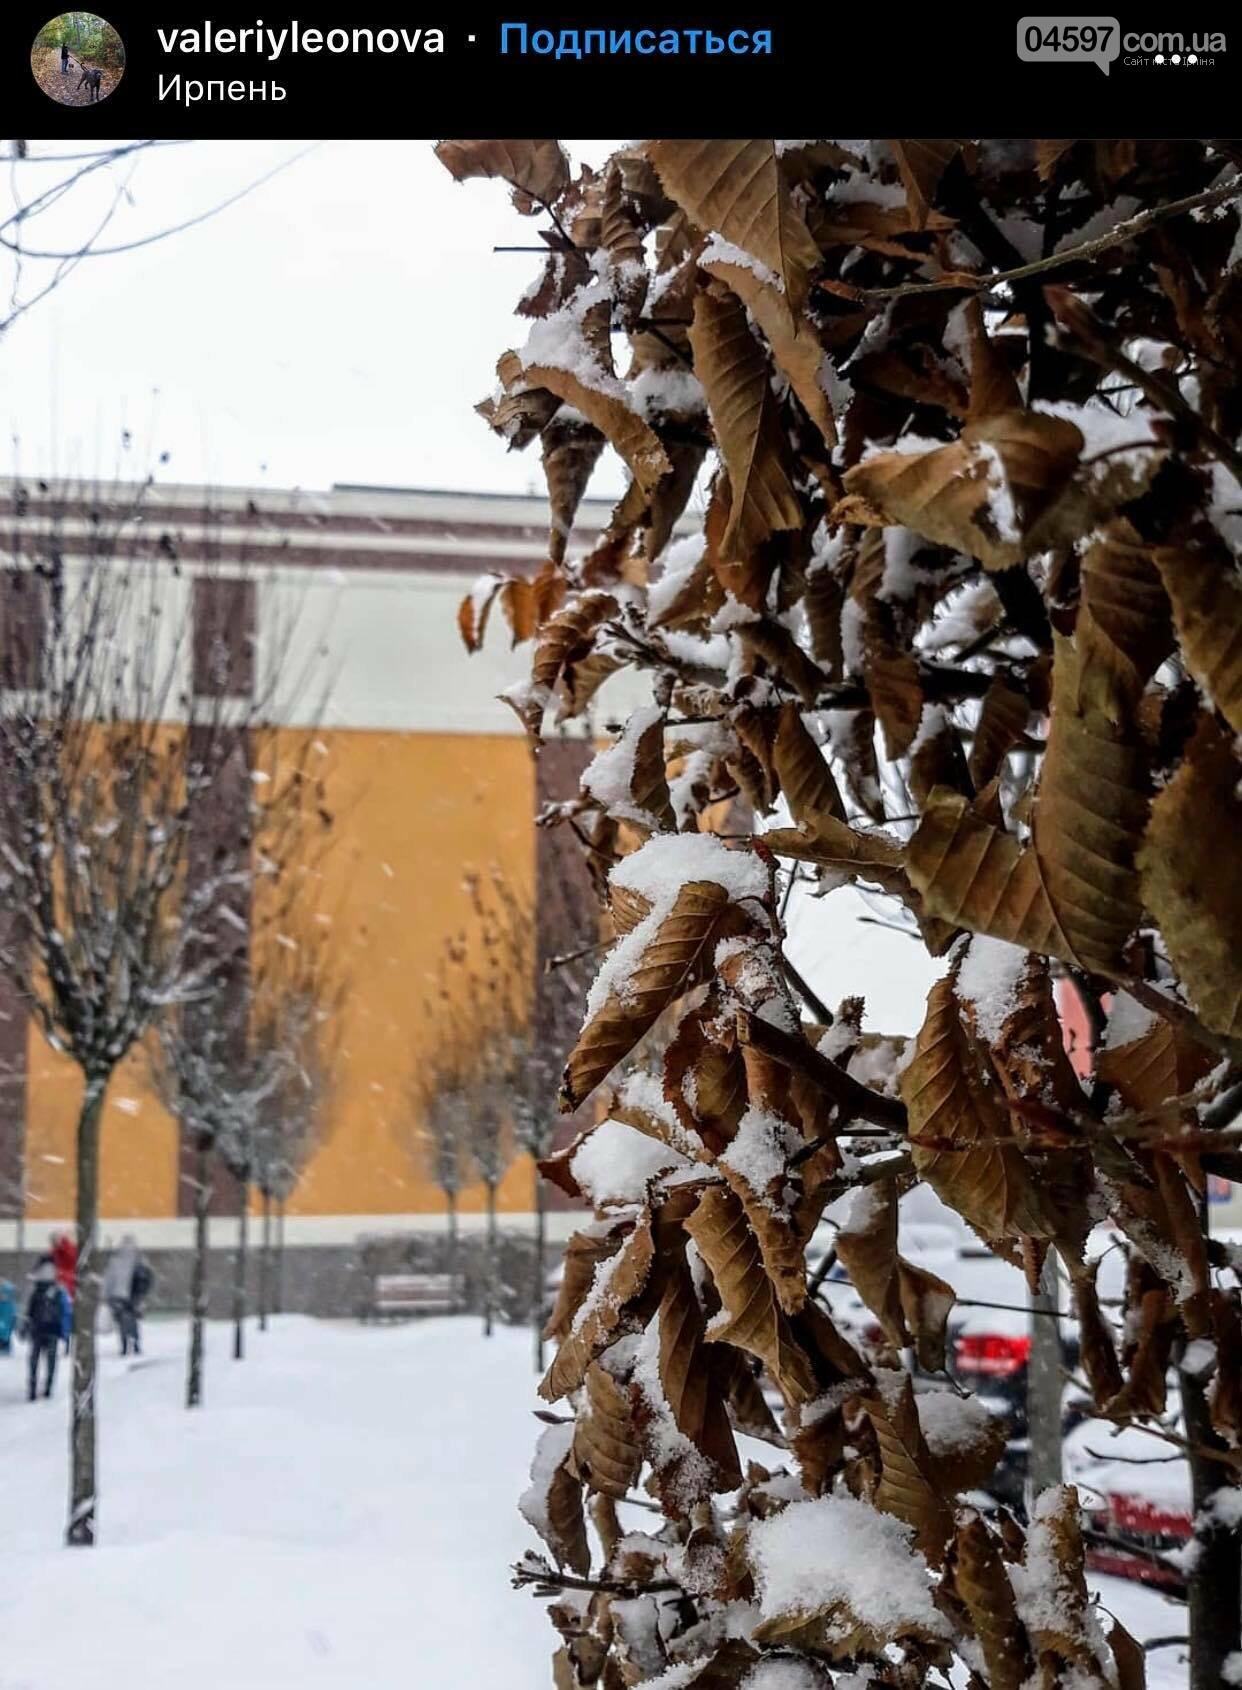 Сніг в Ірпені